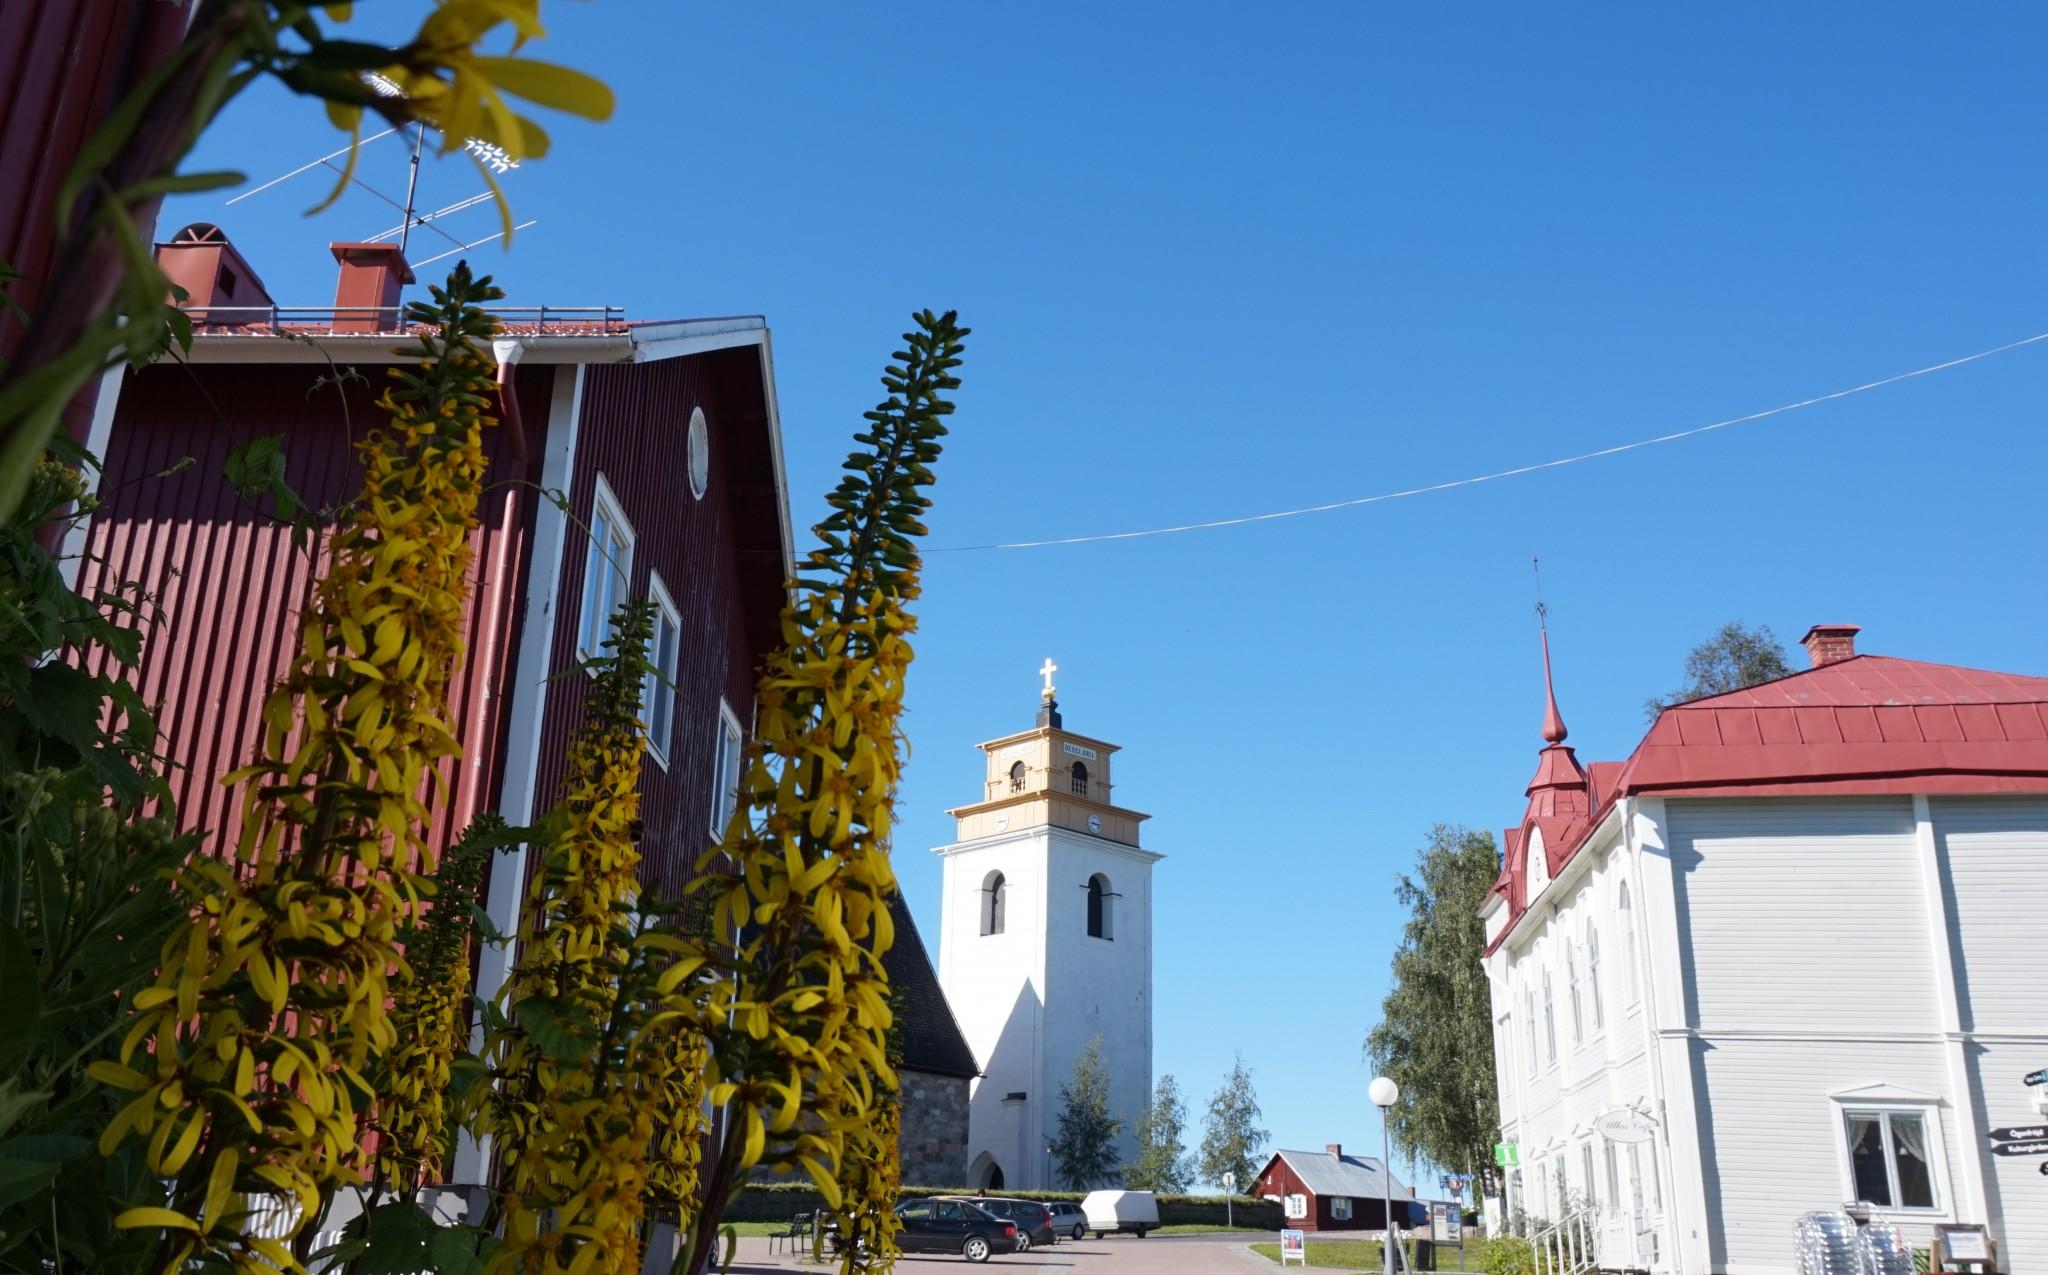 Gammelstad_luulaja_MJT (24)